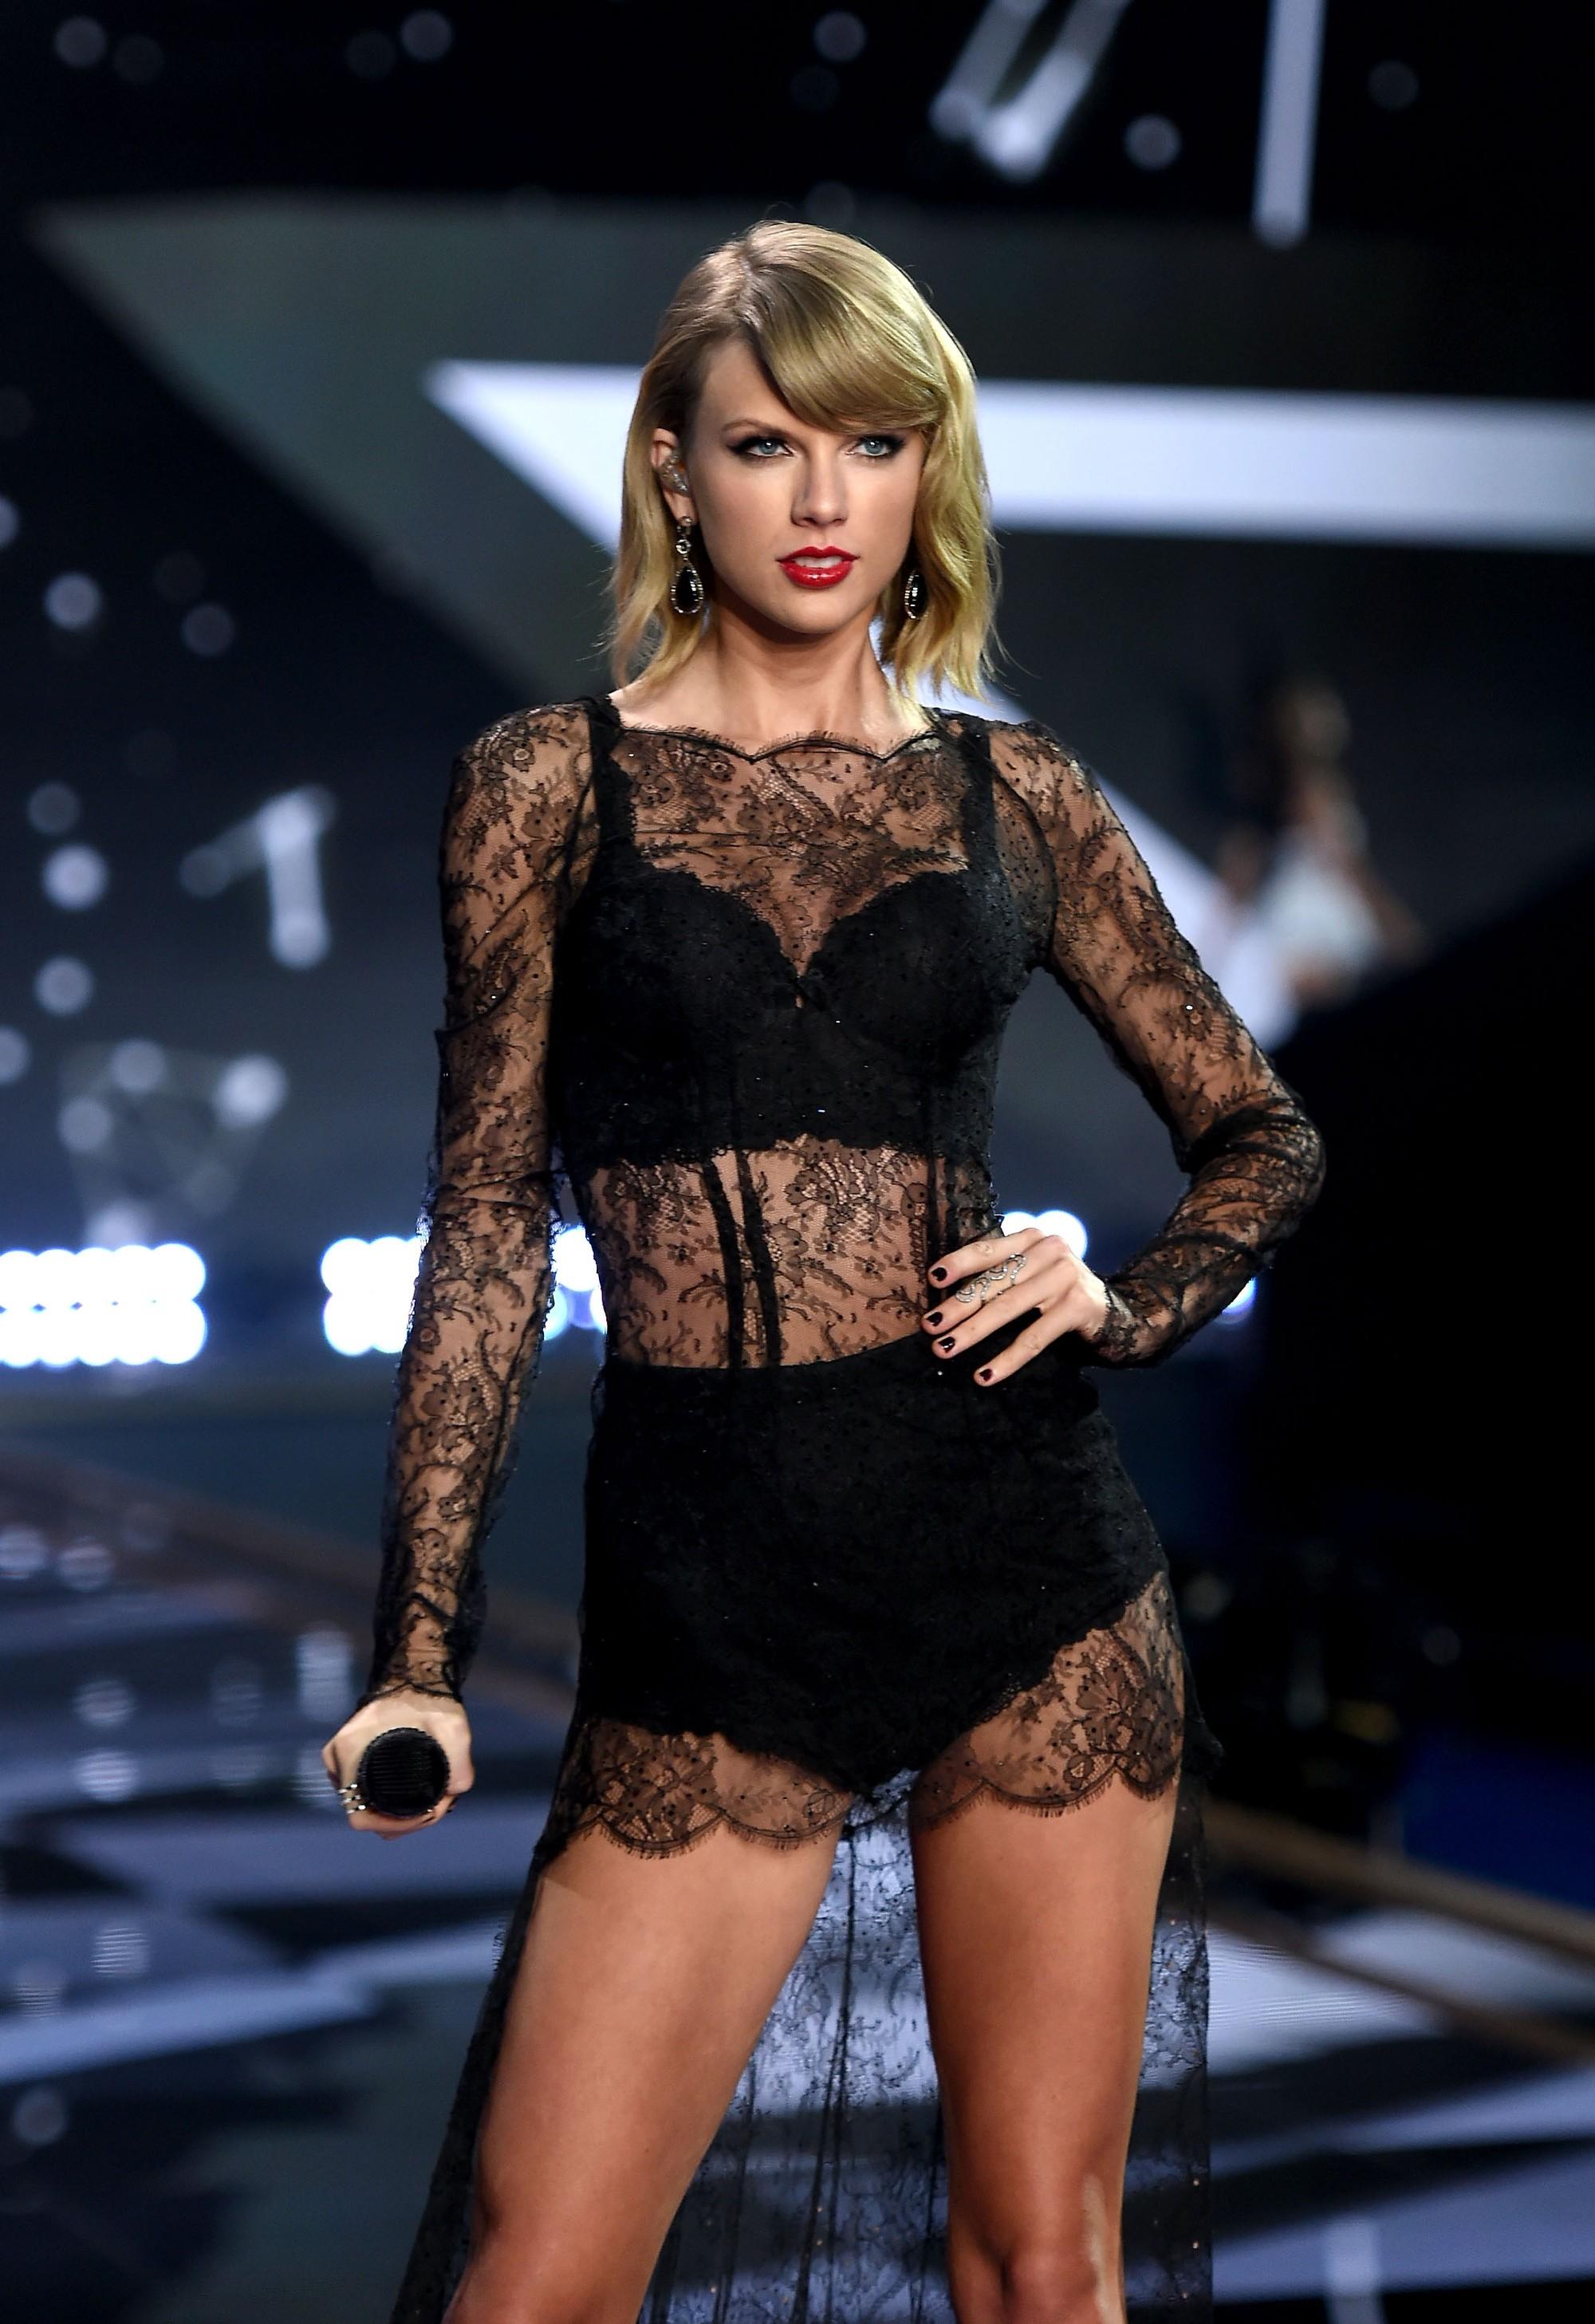 Liên tục lên sân khấu với trang phục vừa lôi thôi vừa dìm dáng, chuyện gì đã xảy ra với Taylor Swift luôn đẹp vậy? - Ảnh 11.